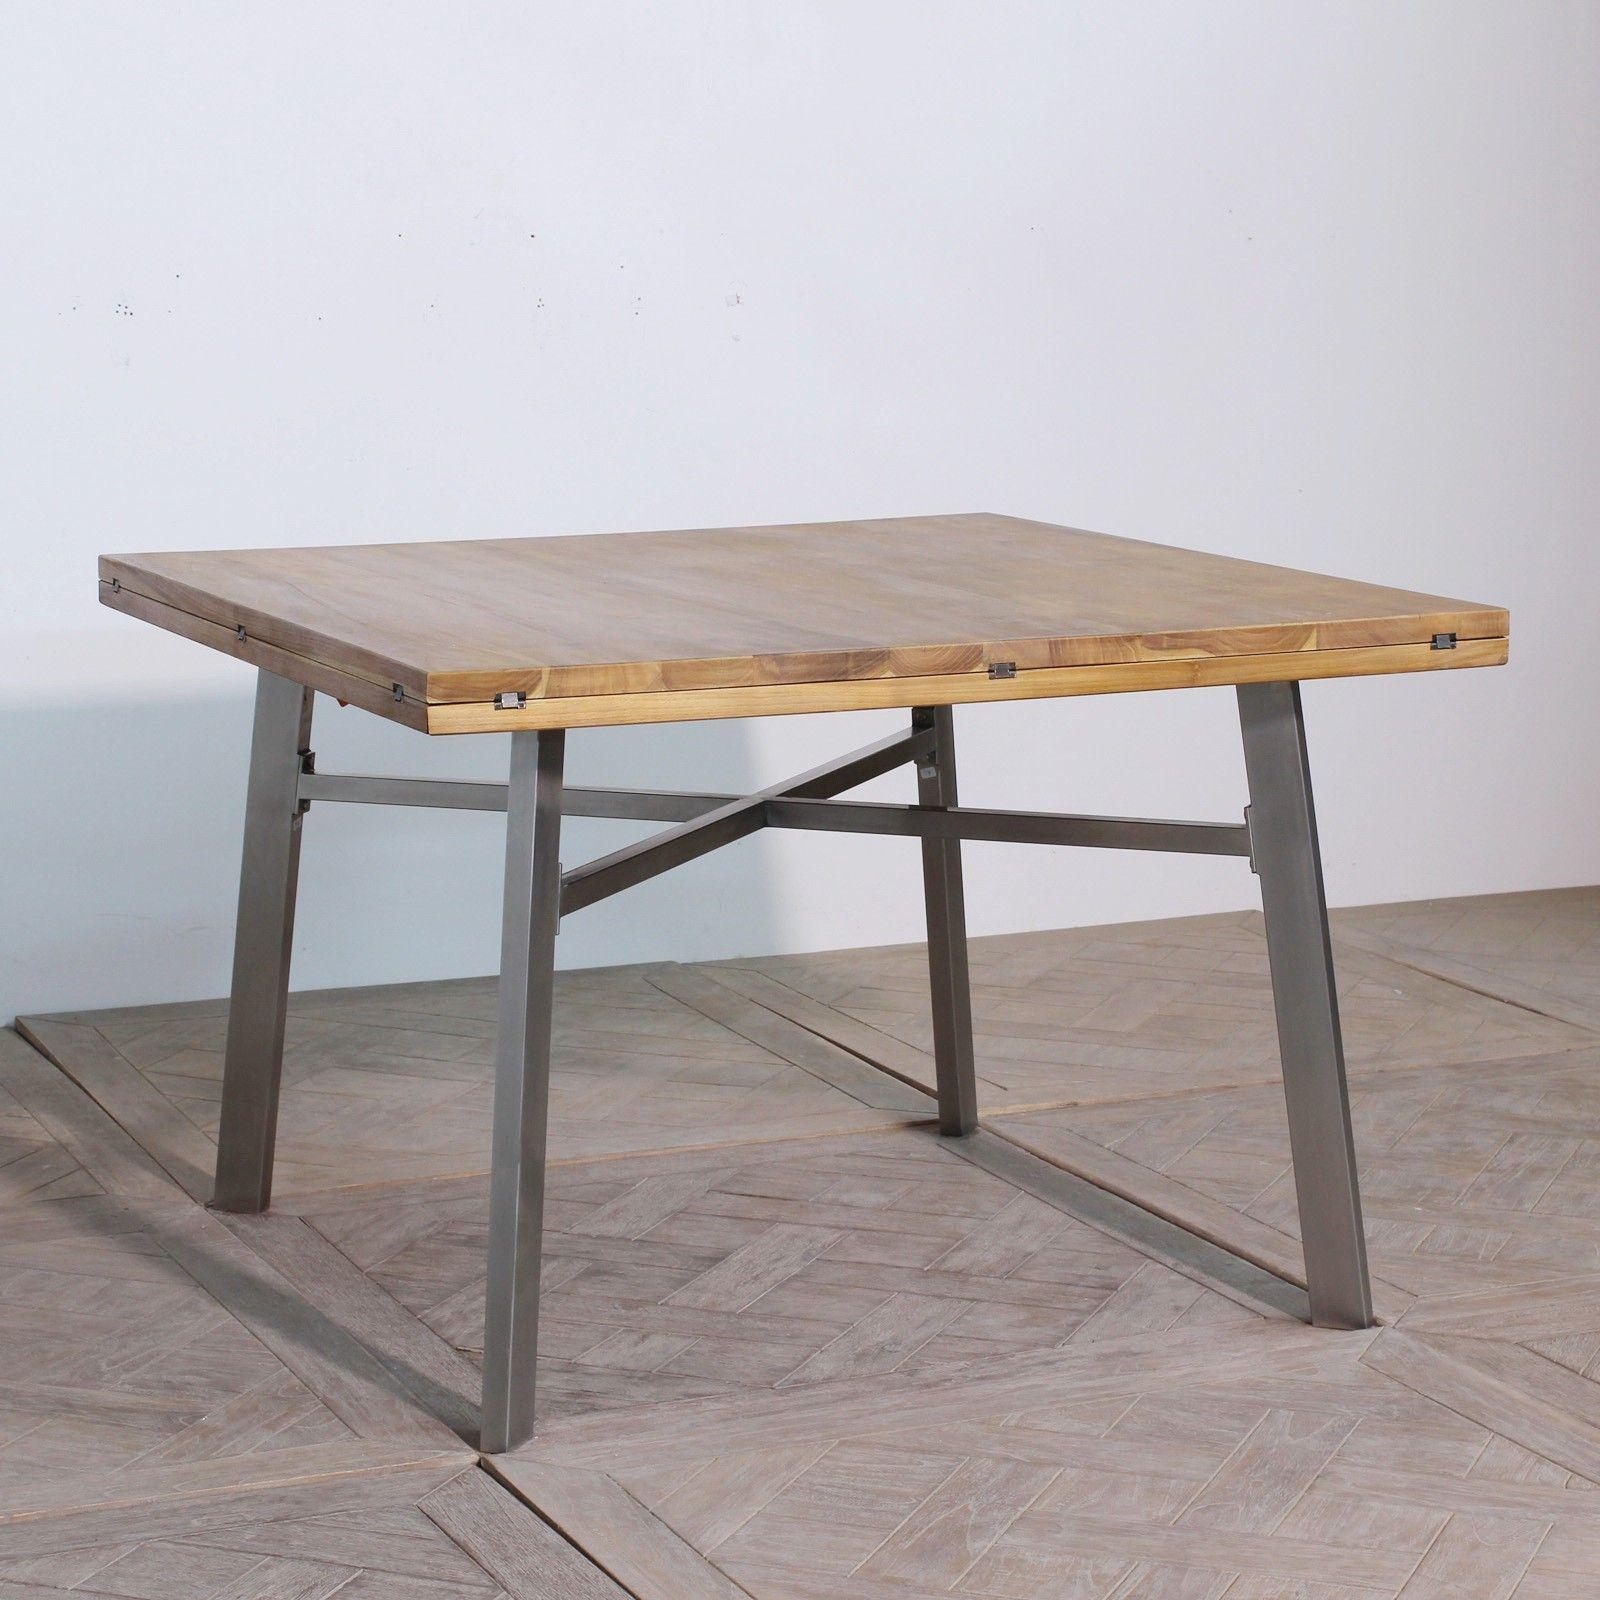 Table de repas carr e en teck massif devient ronde avec ses allonges cette table carr e mesure - Table de cuisine carree 8 places ...